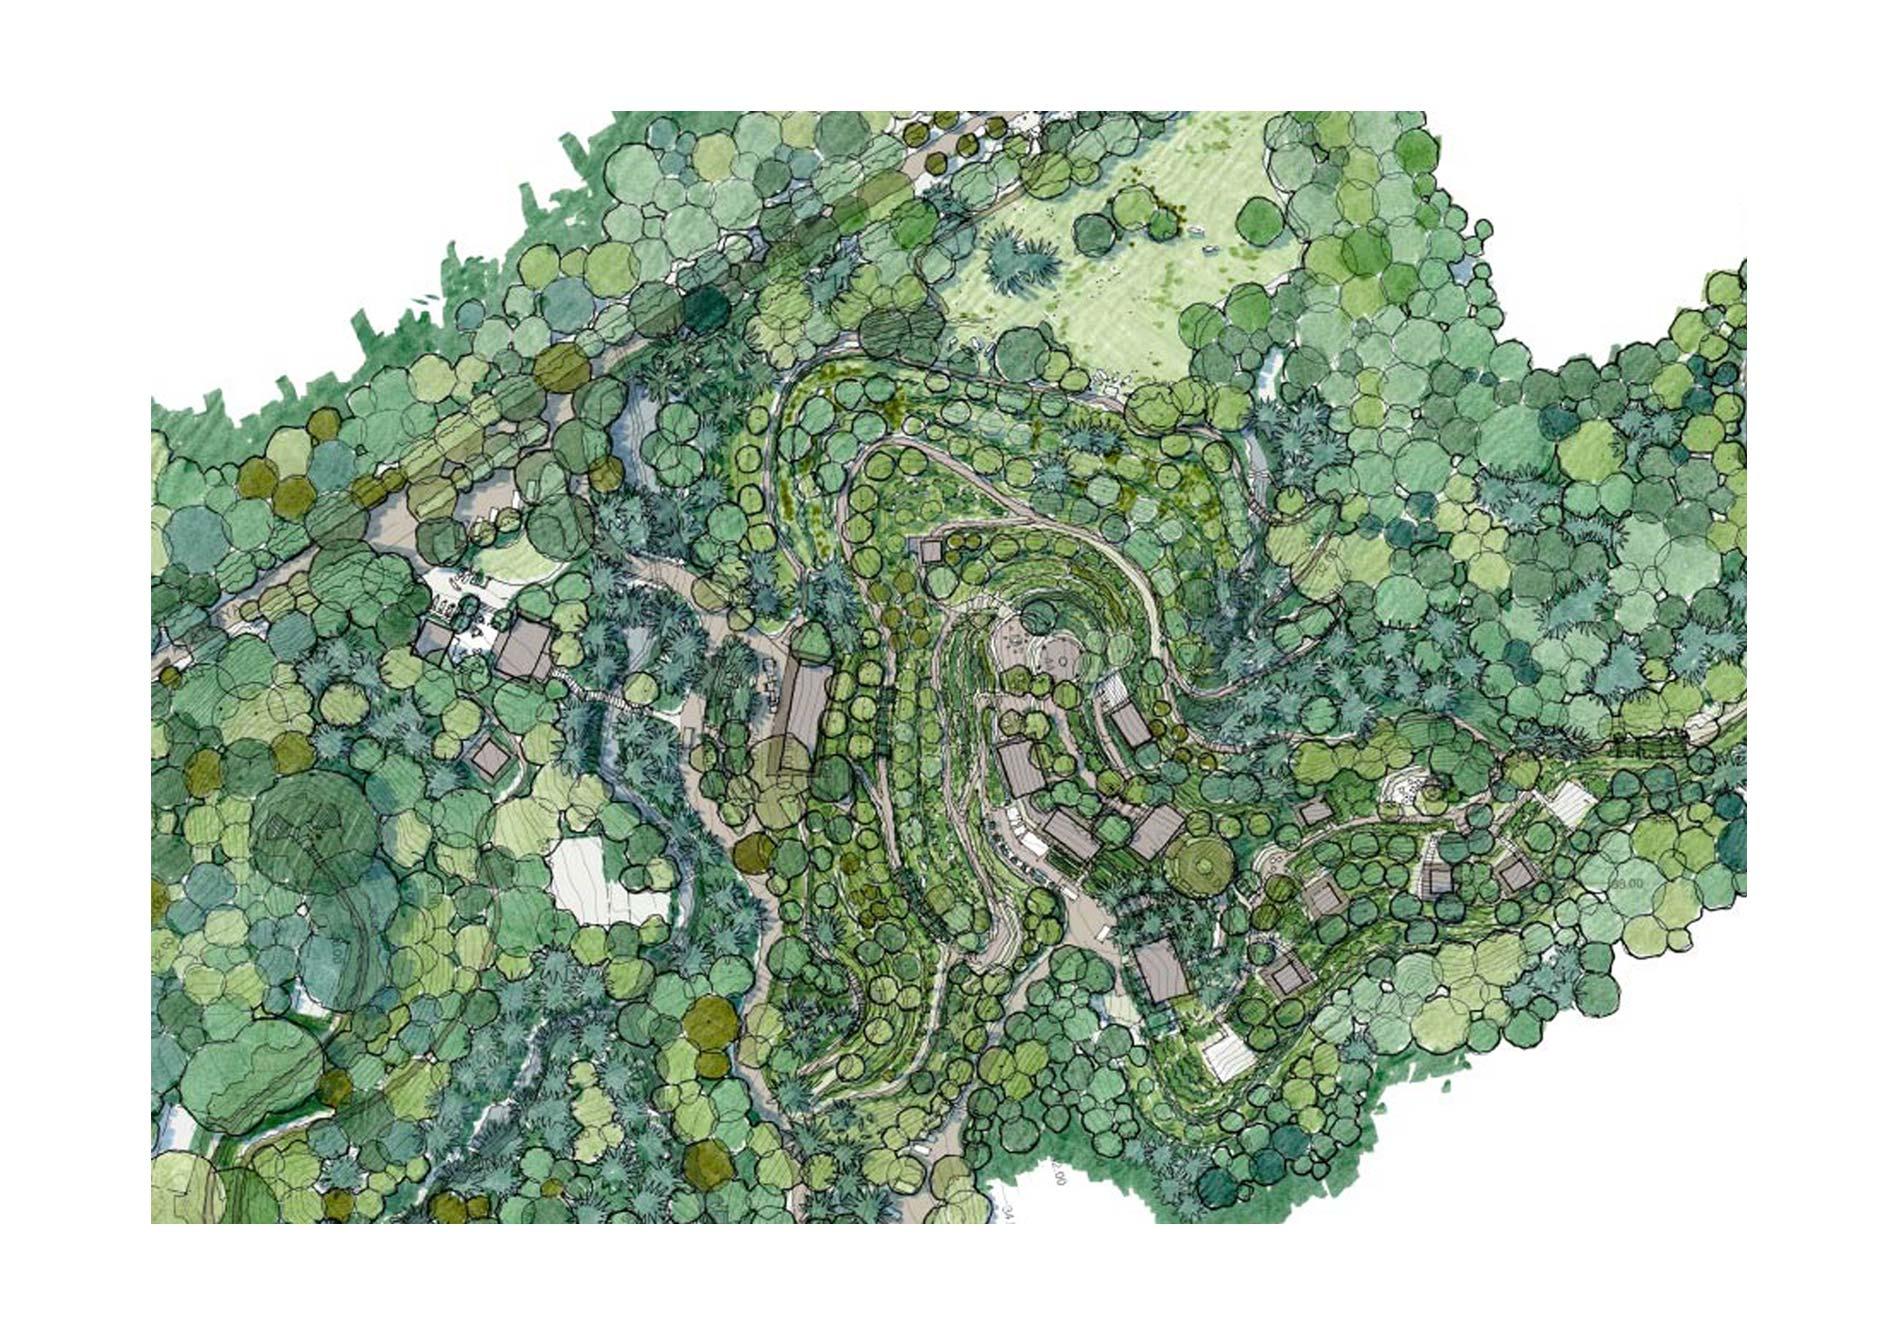 Rural-Planning_Vida_1-2